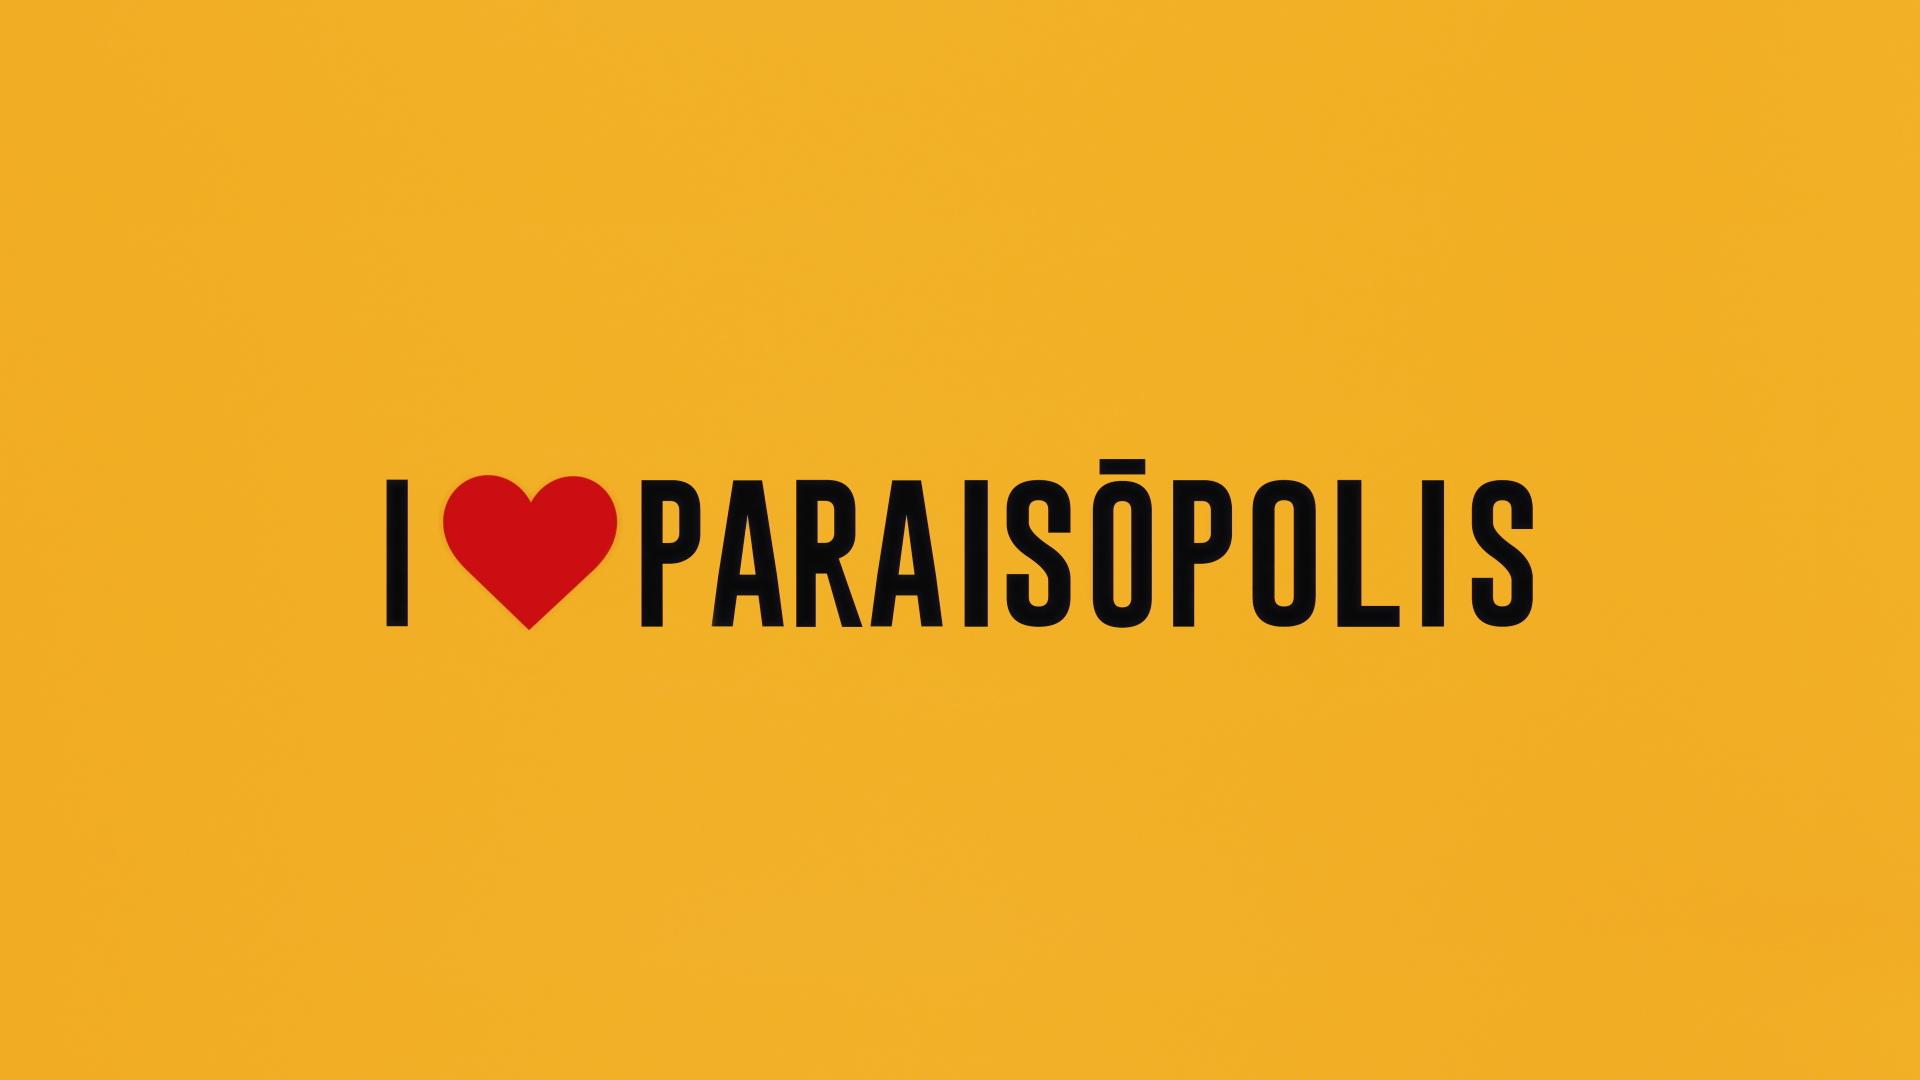 Logo Paraisopolis Port «I Love Paraisópolis»: Resumo De 25 A 31 De Janeiro (Estreia)